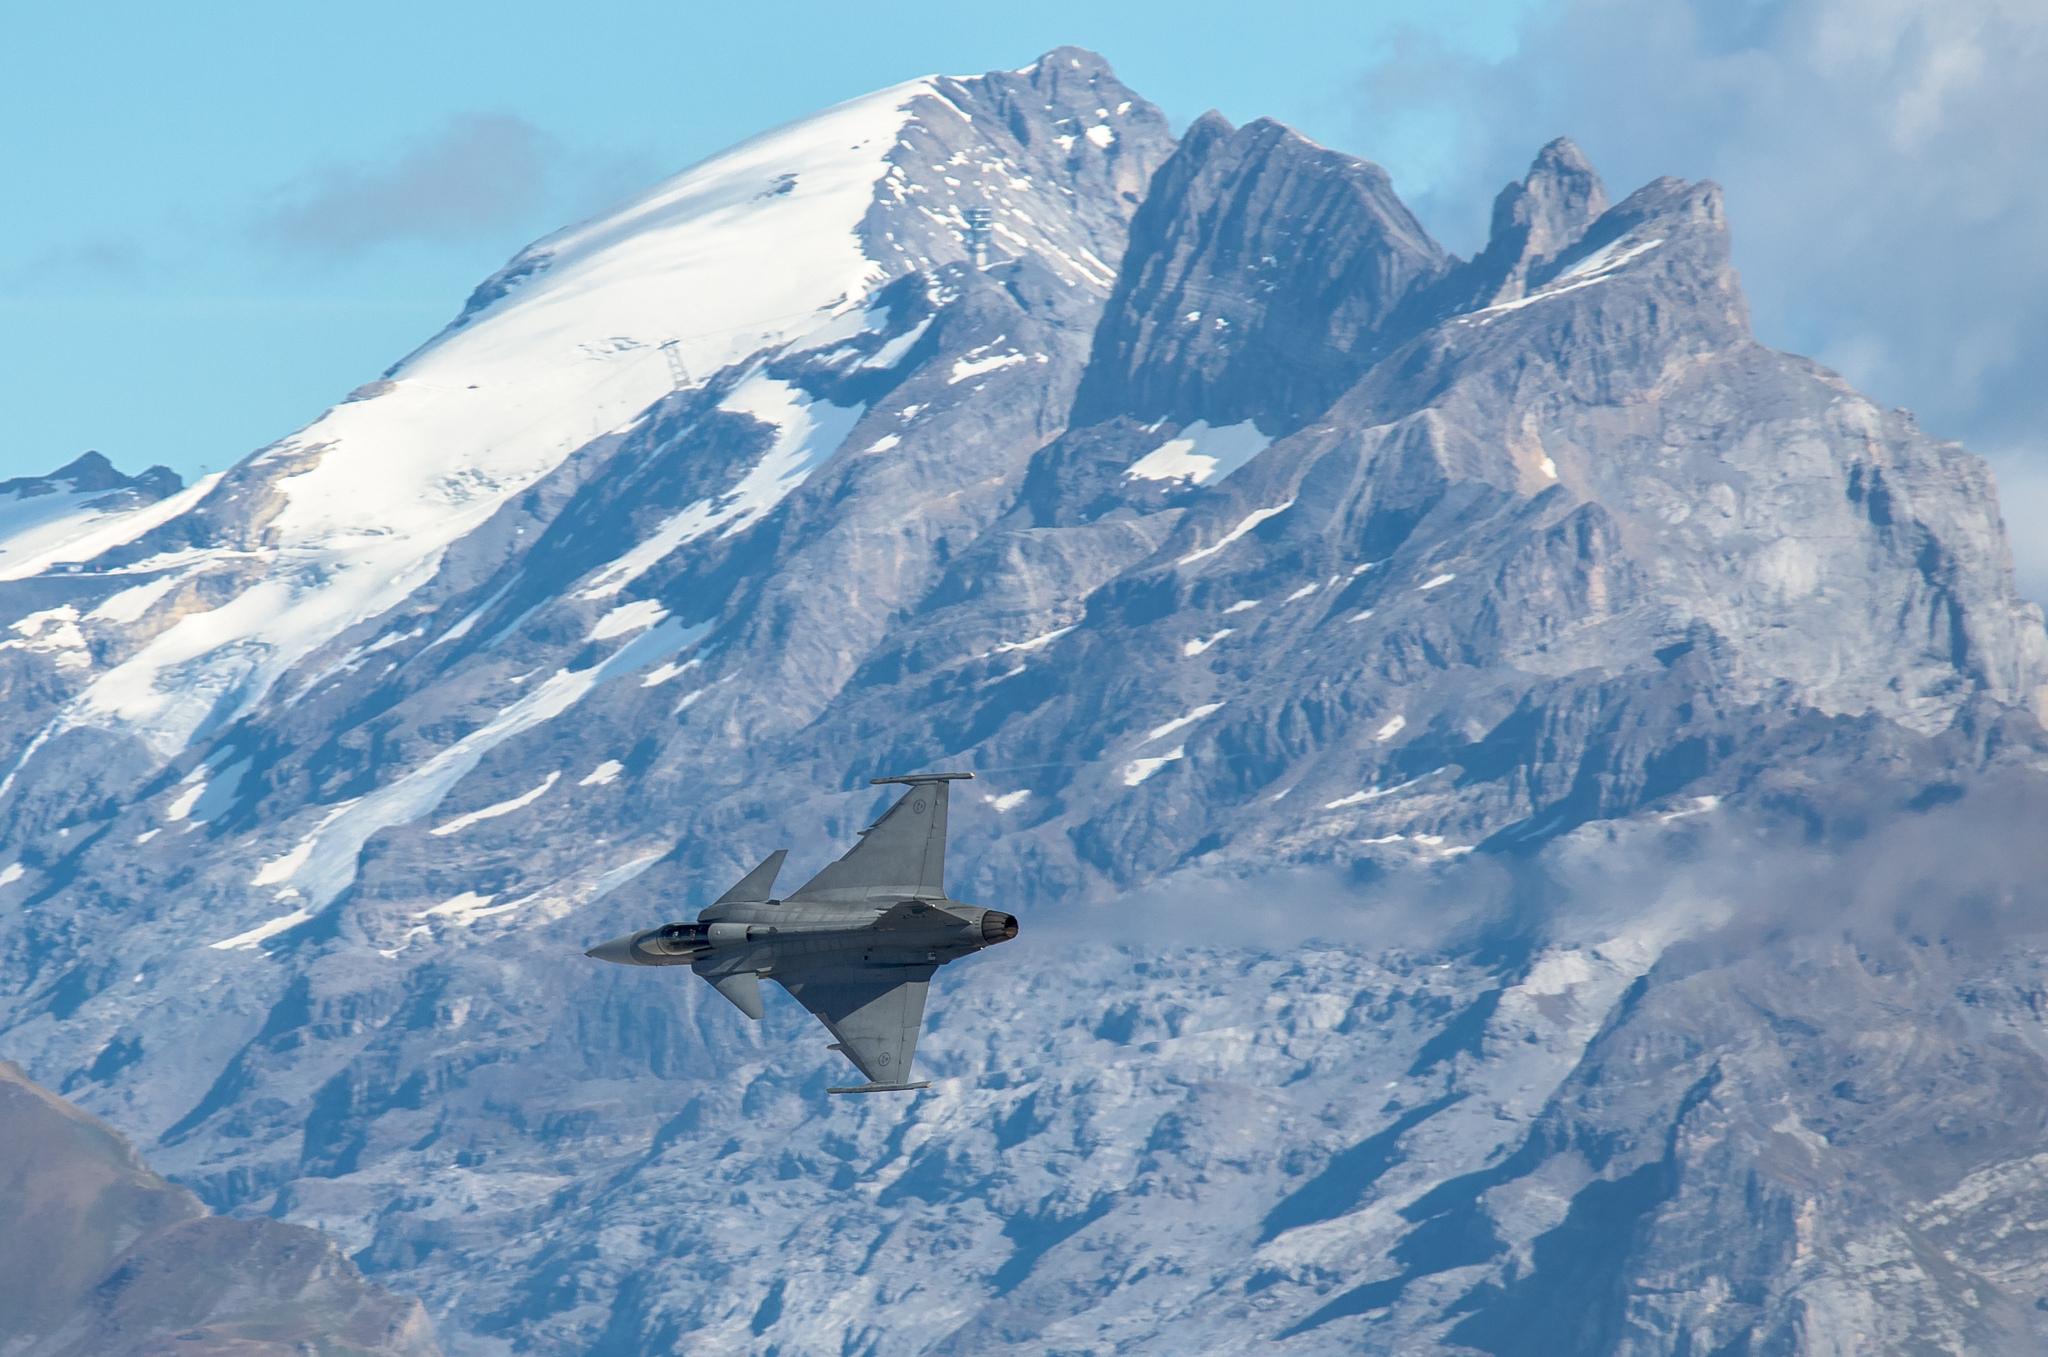 фото боевых самолетов над горами это мне бракованные